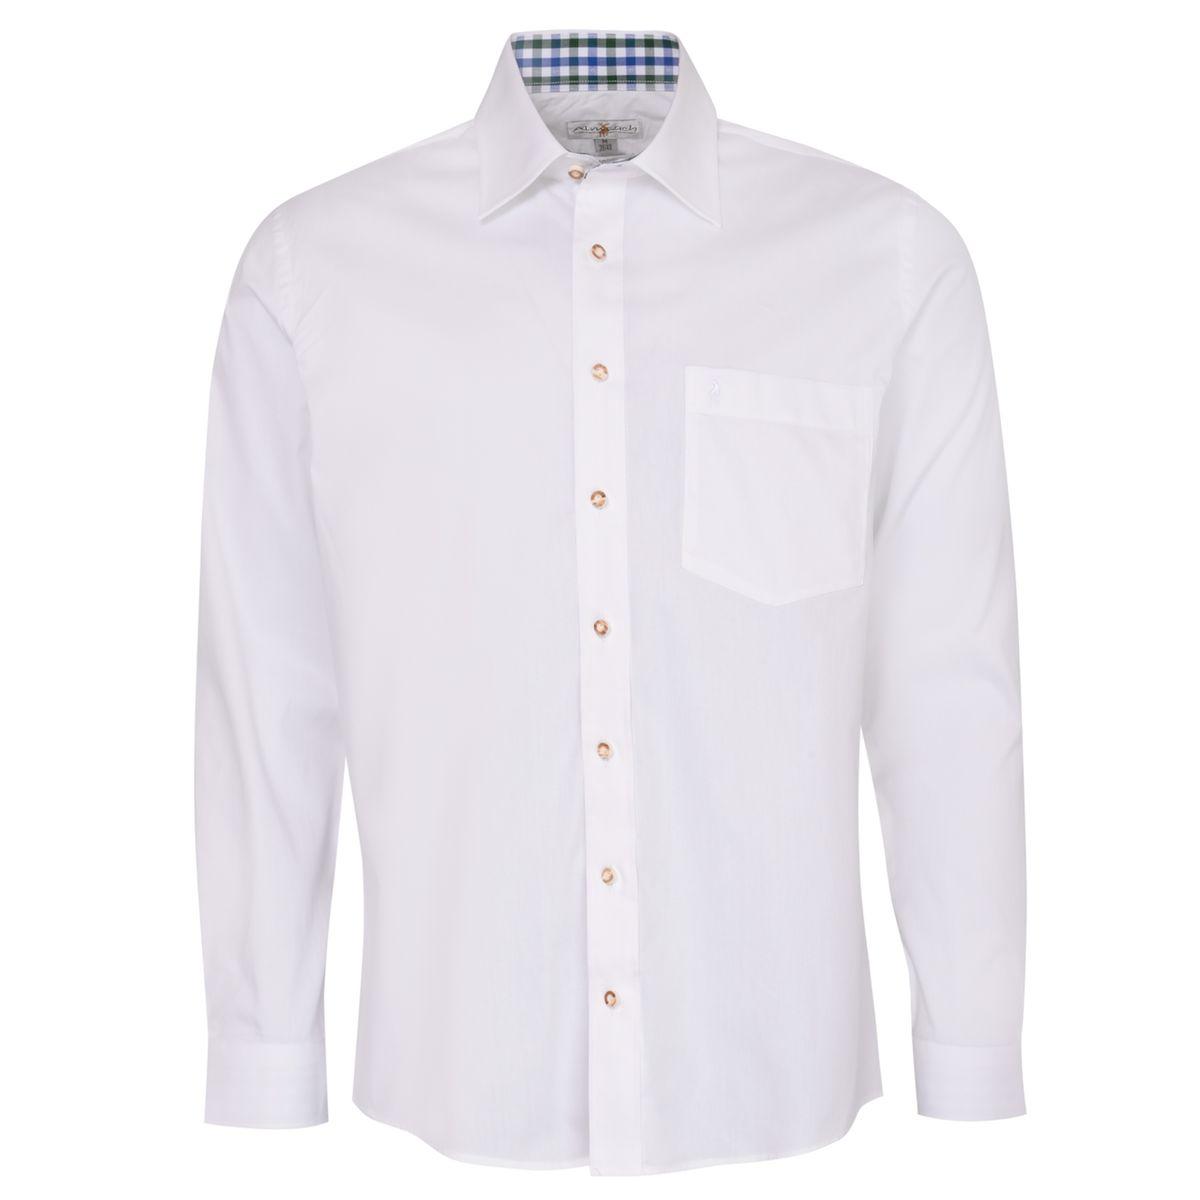 Trachtenhemd Heinz Regular Fit zweifarbig in Weiß und Dunkelgrün von Almsach günstig online kaufen